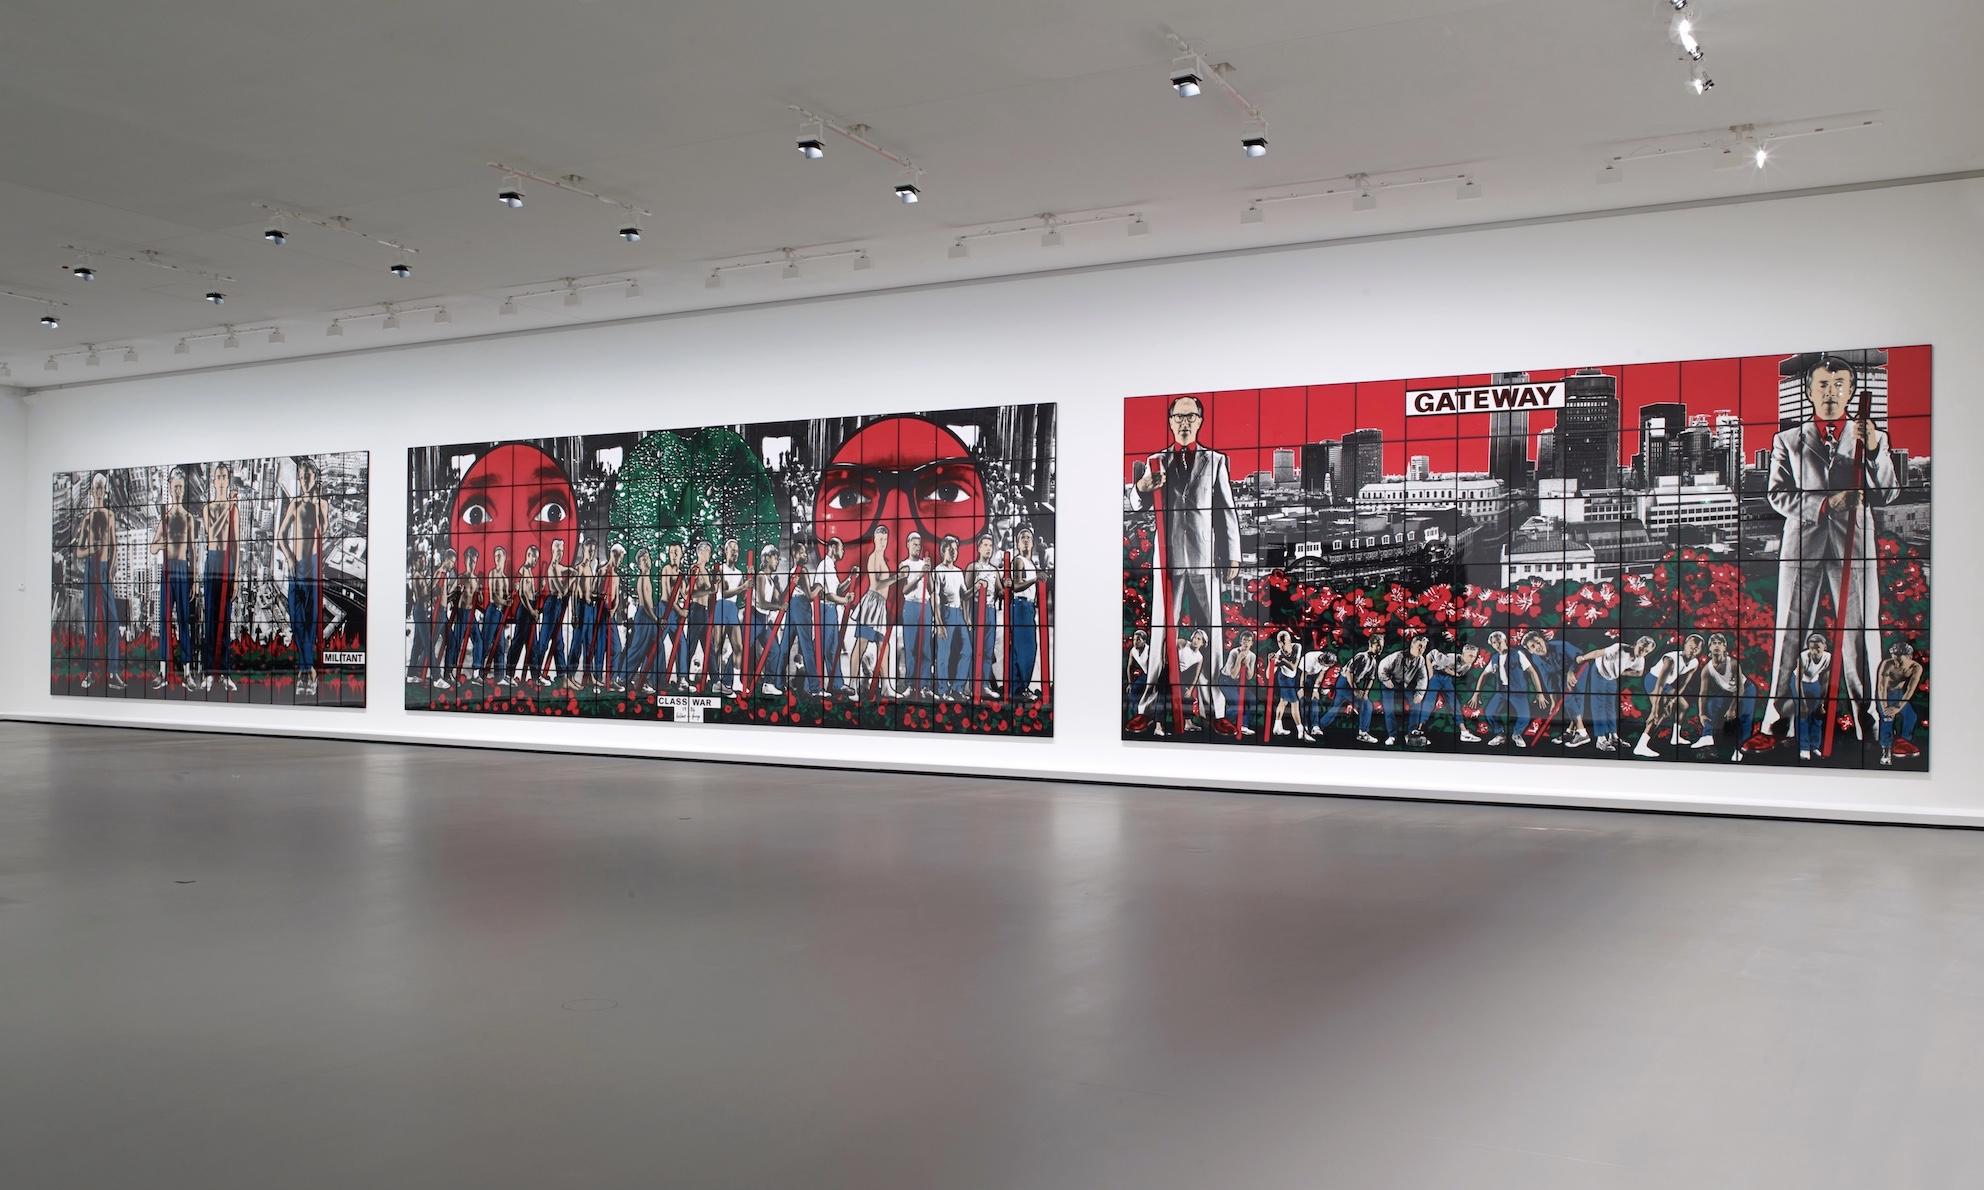 エスパス ルイ・ヴィトン東京、ギルバート&ジョージの3連作を日本初展示